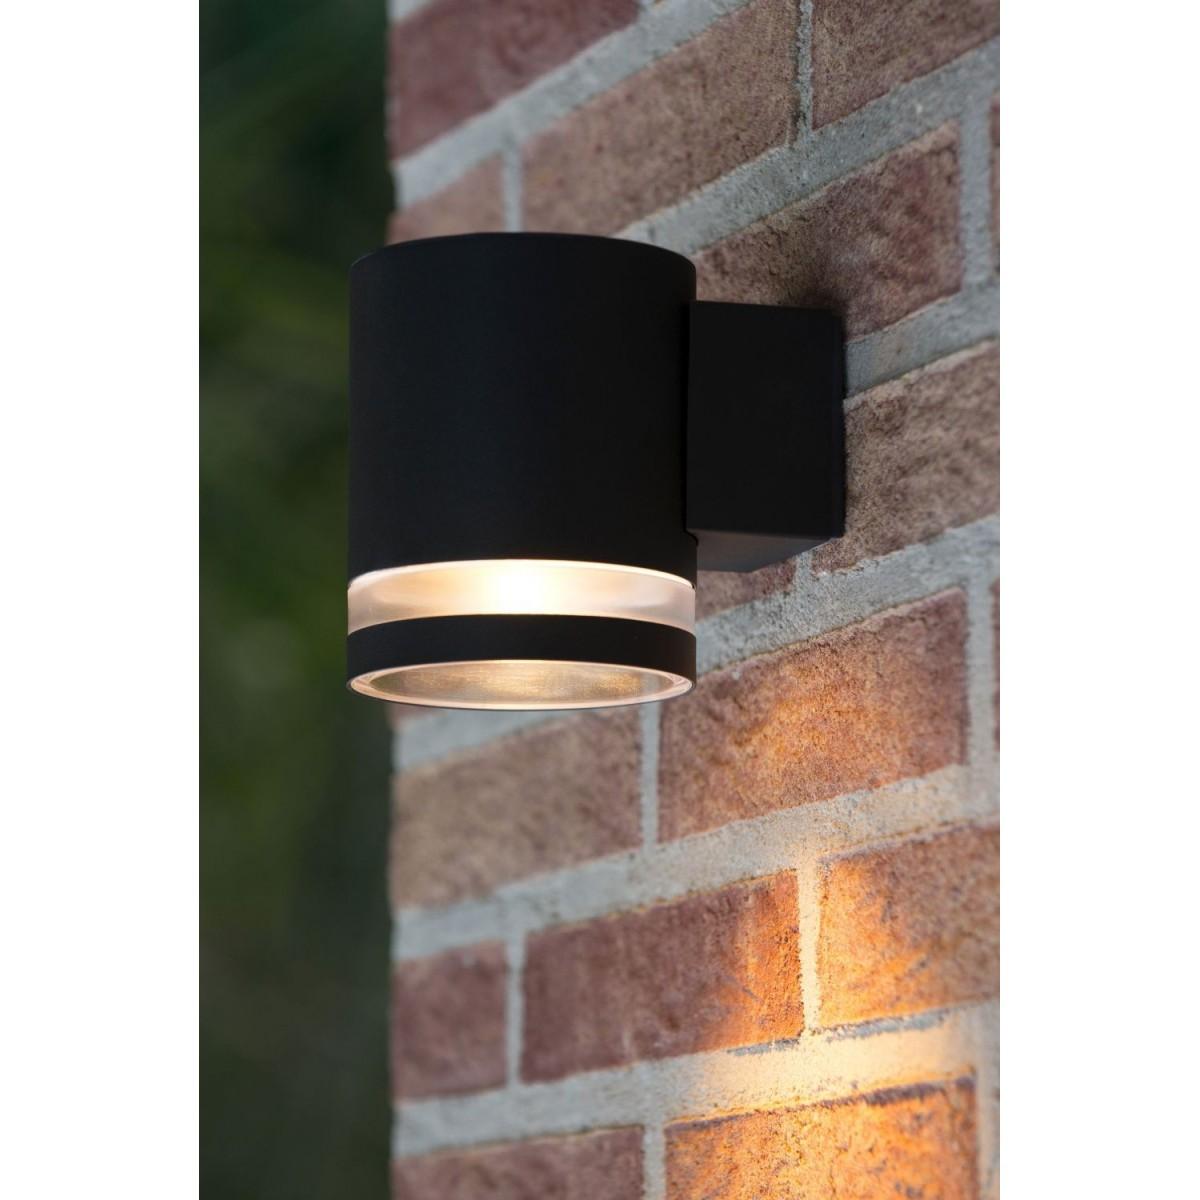 Lucide BASCO-LED IP54 GU10/5W 14880/05/30 żarówka led w zestawie 14880/05/30 Kinkiet